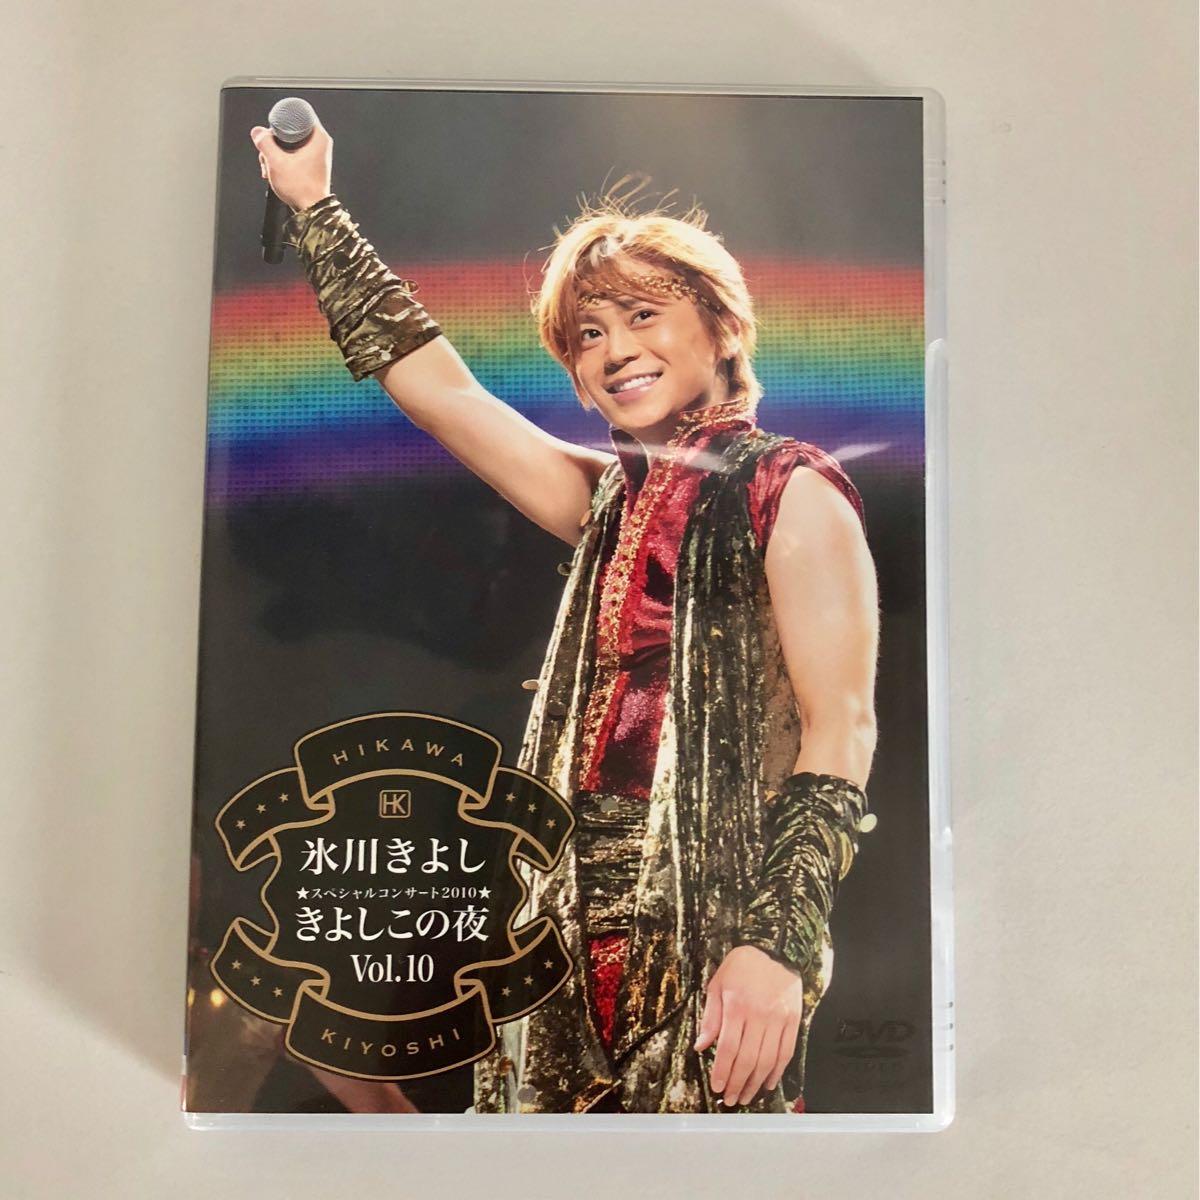 氷川きよし☆きよしこの夜 Vol.10 スペシャルコンサート2010 DVD